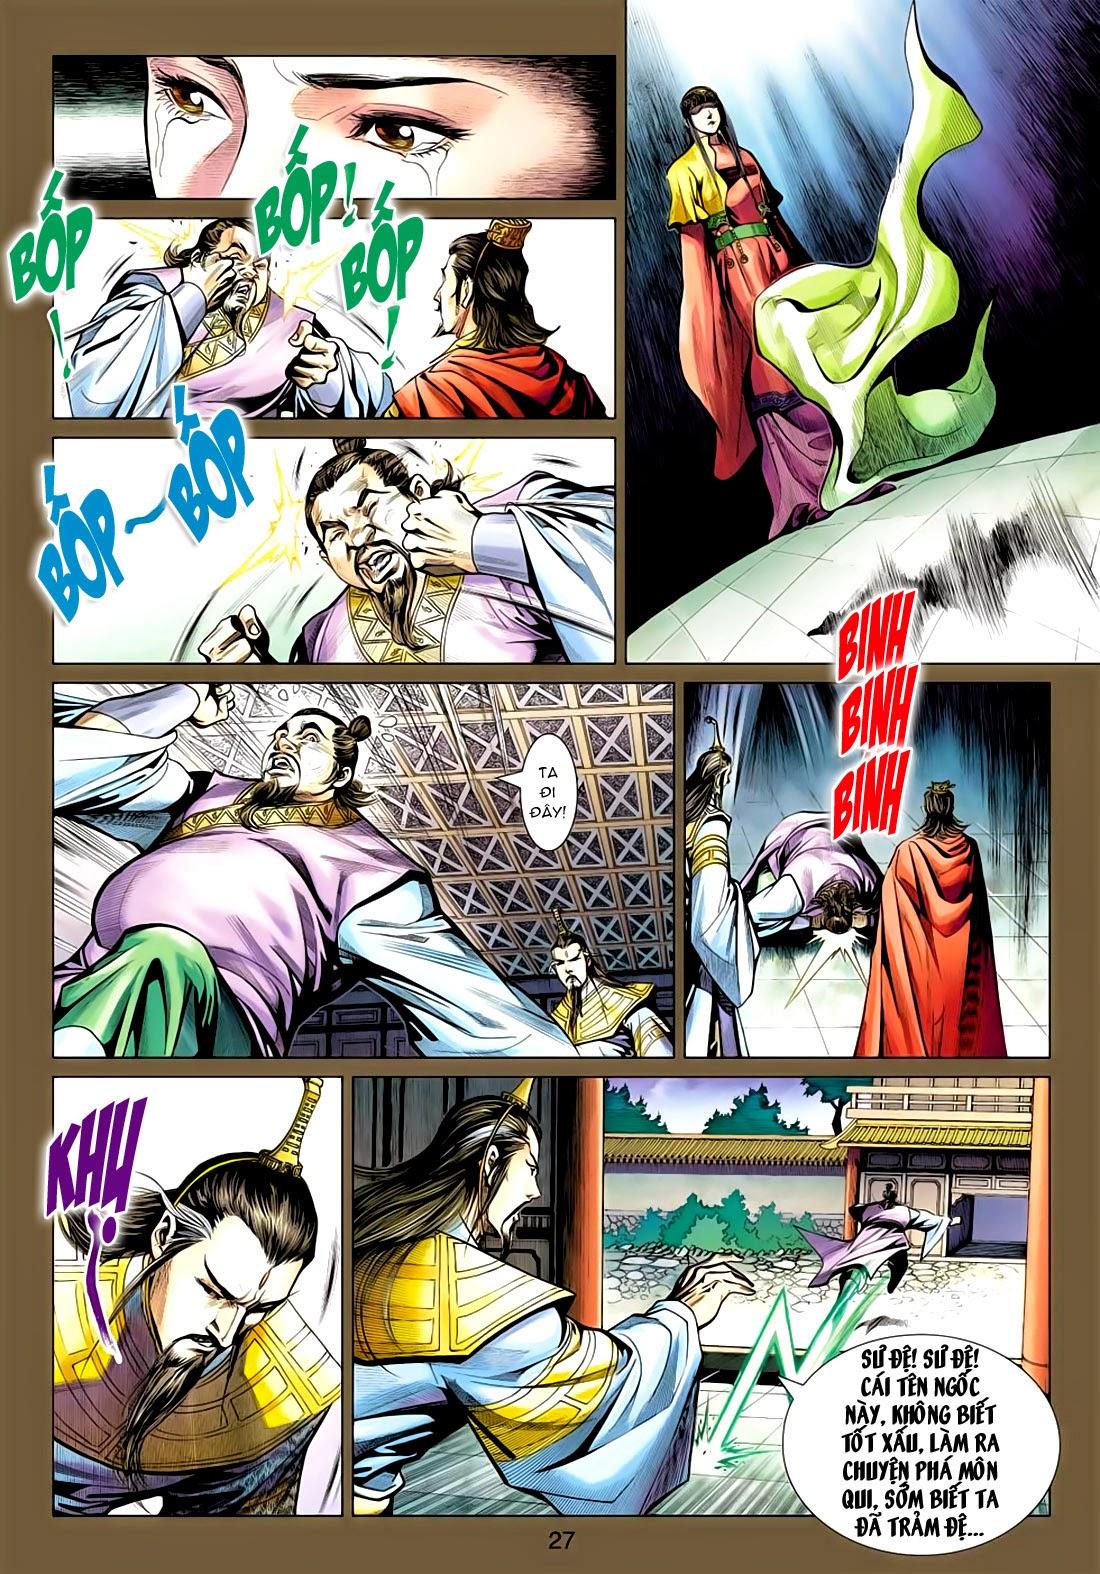 Anh Hùng Xạ Điêu anh hùng xạ đêu chap 77: thế thượng tối cường võ công trang 27